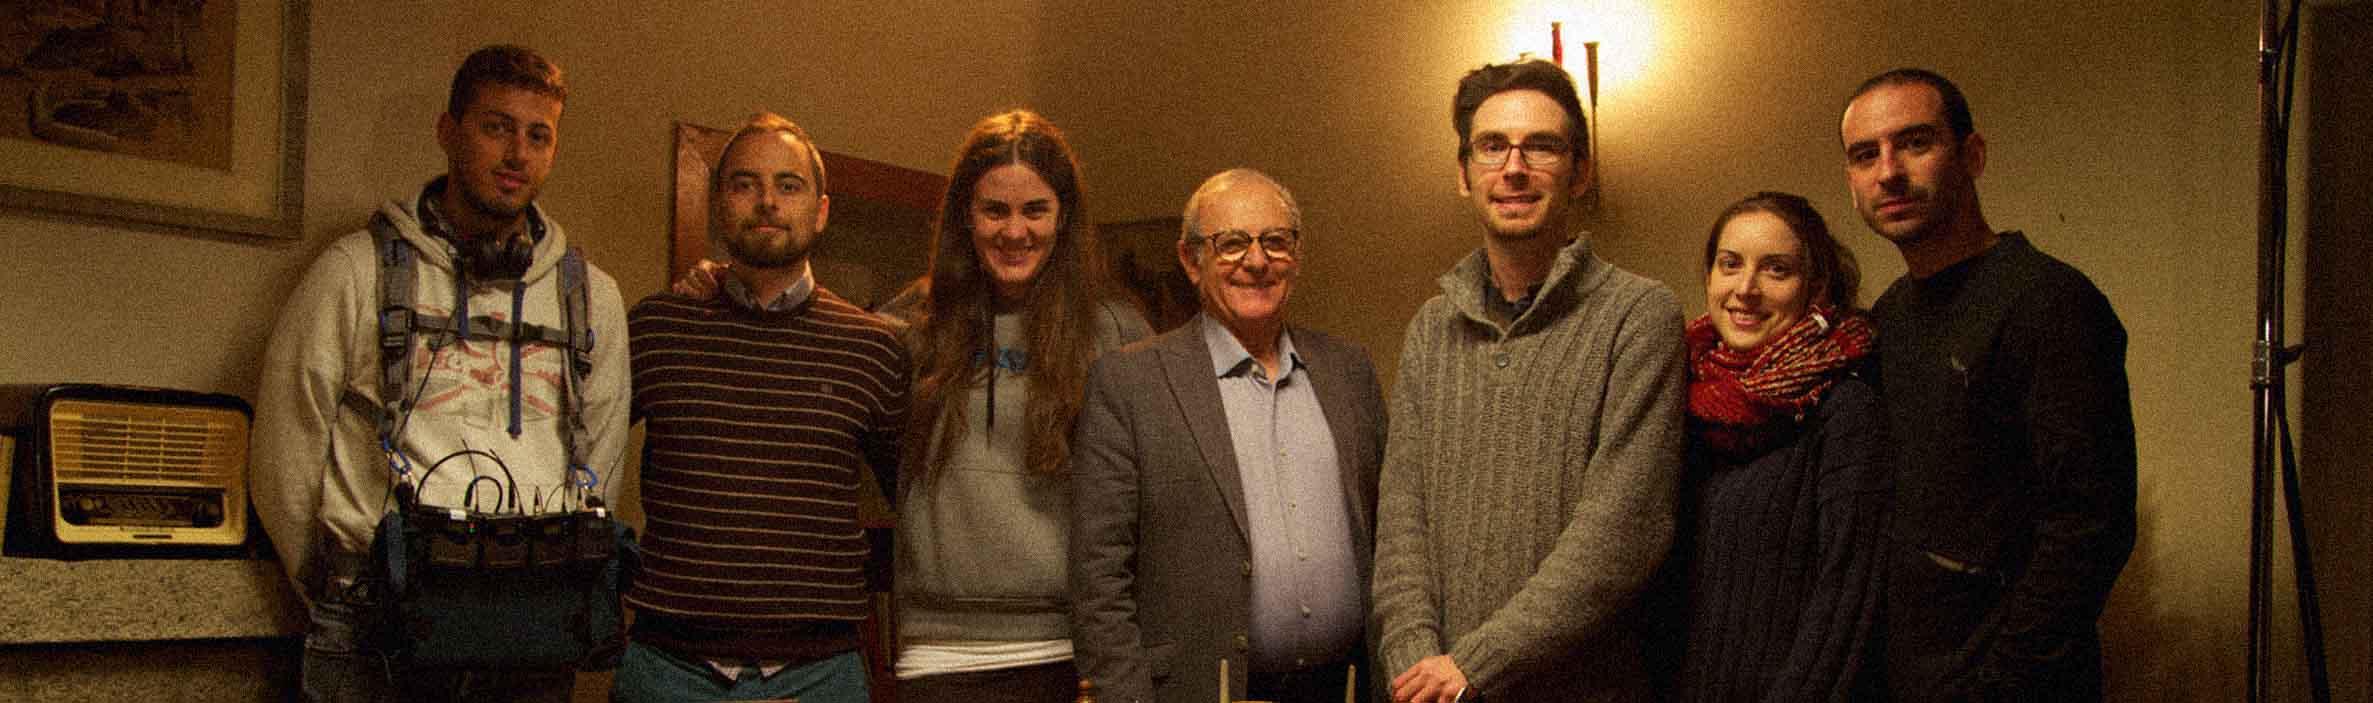 El equipo con Emilio Gutiérrez Caba